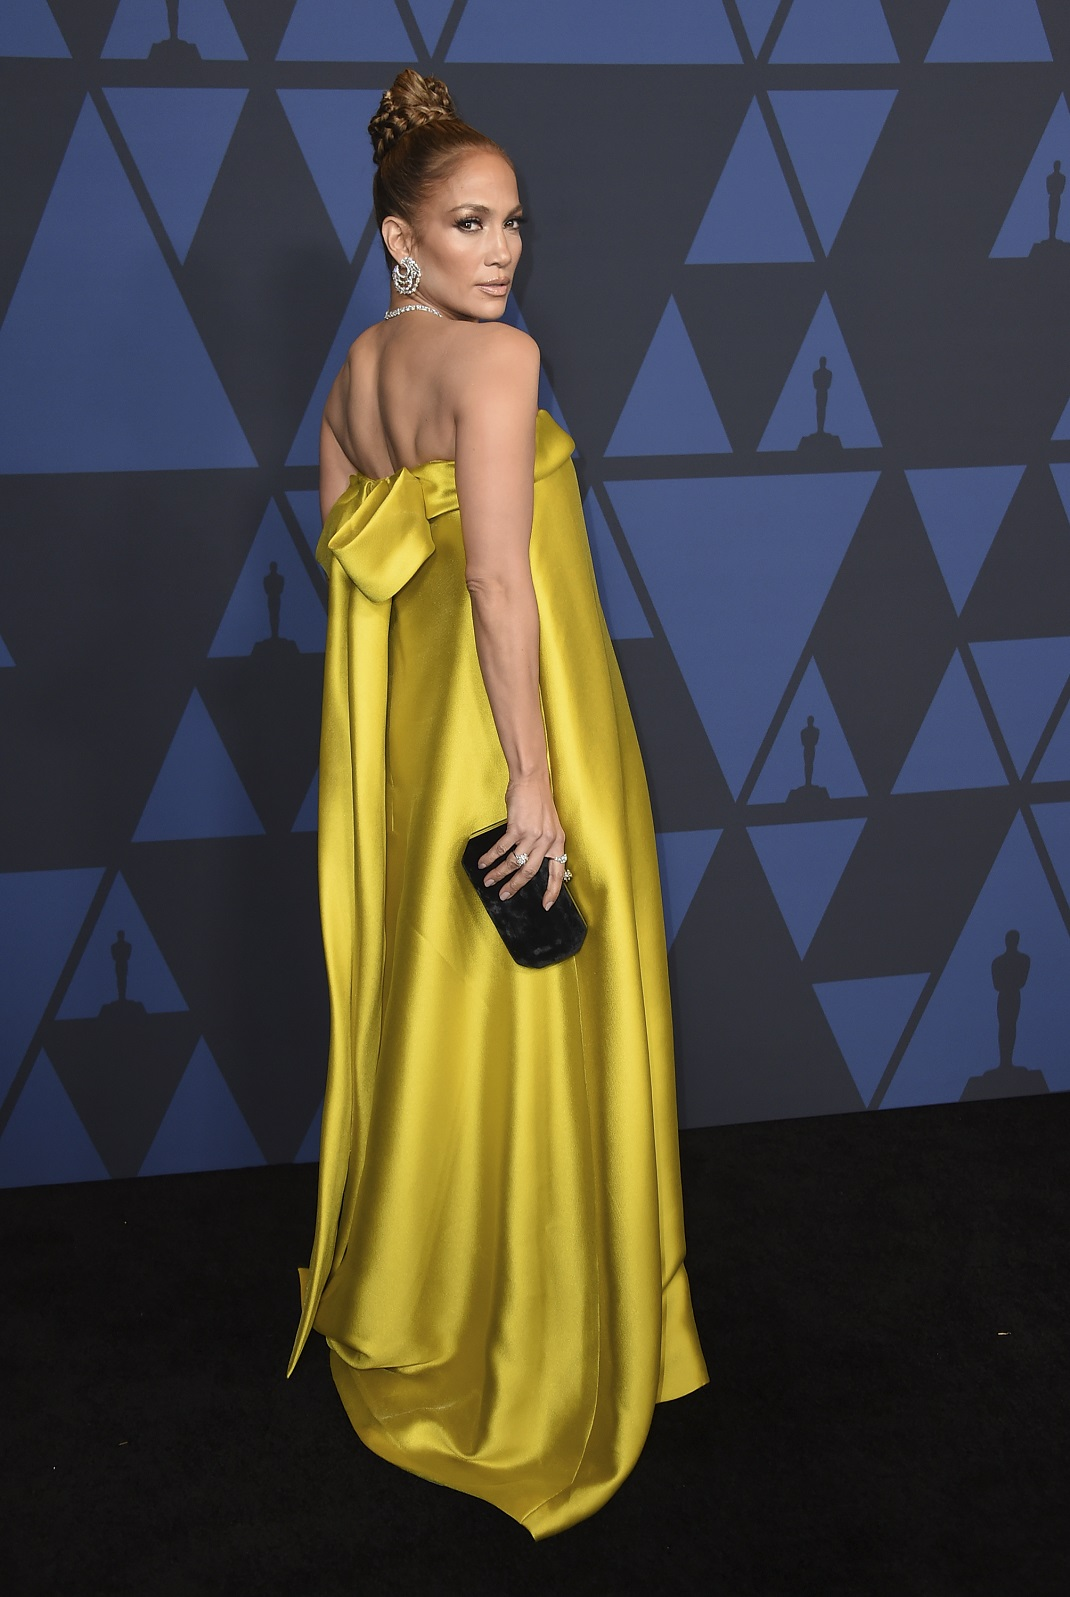 Η Τζάνιφερ Λόπεζ με χρυσό φόρεμα και μαύρο τσαντάκι